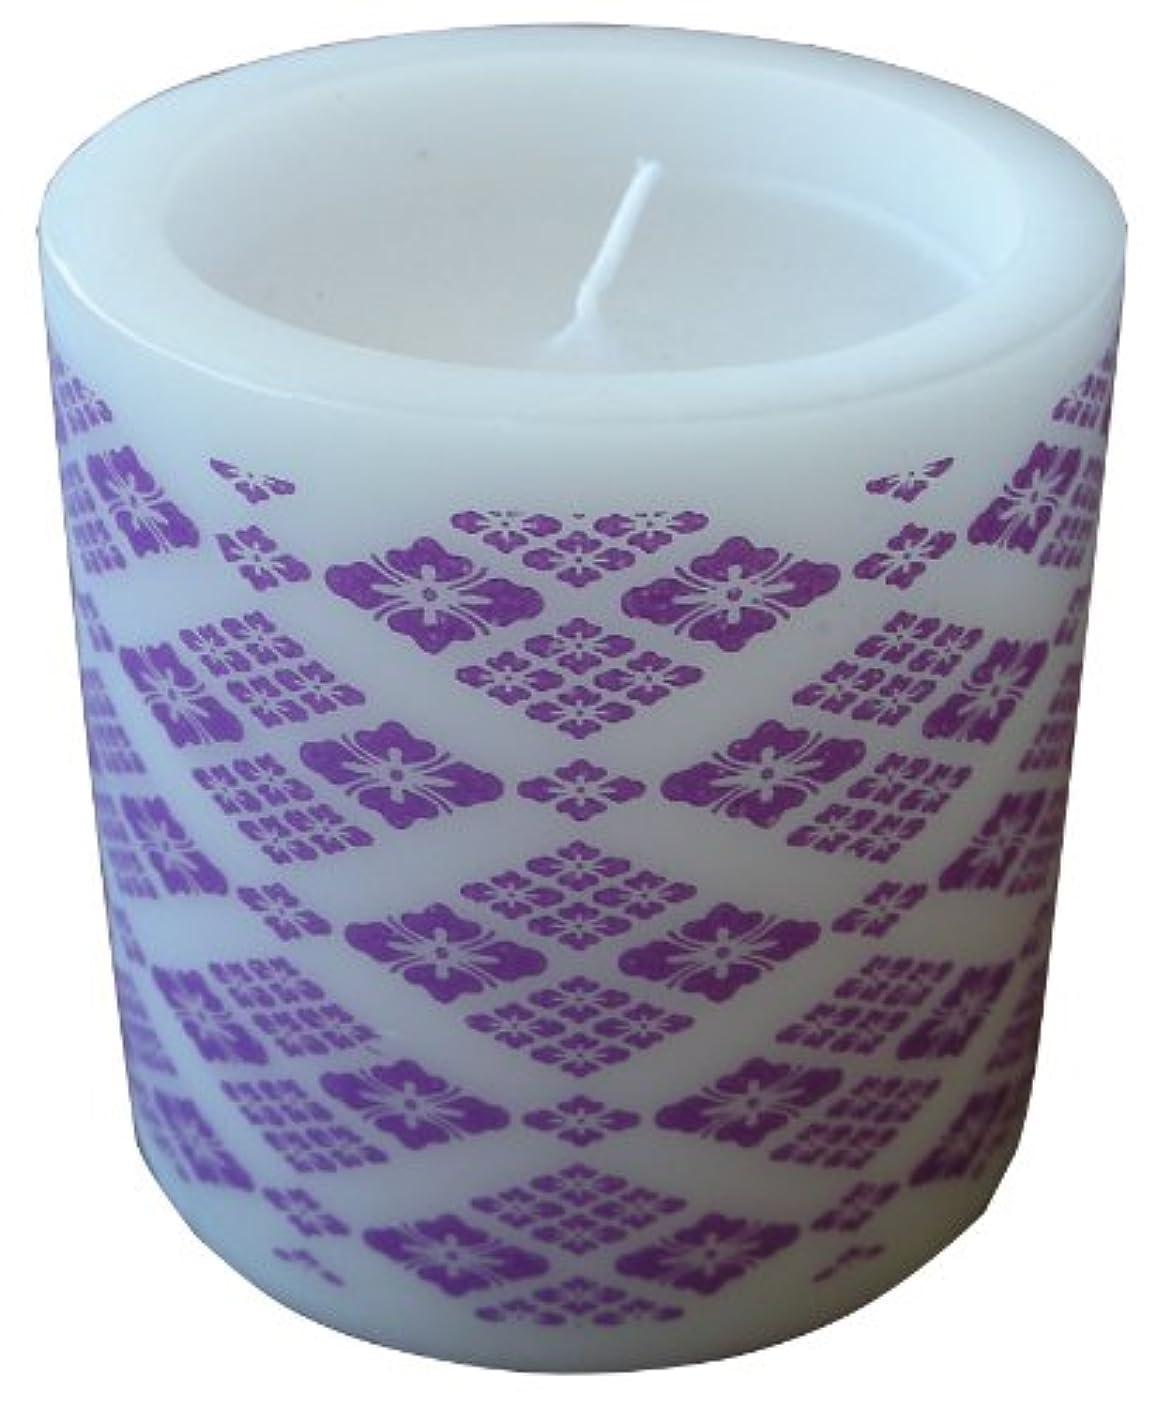 十二不規則なタフマルエス 和みローソク 菱模様 紫